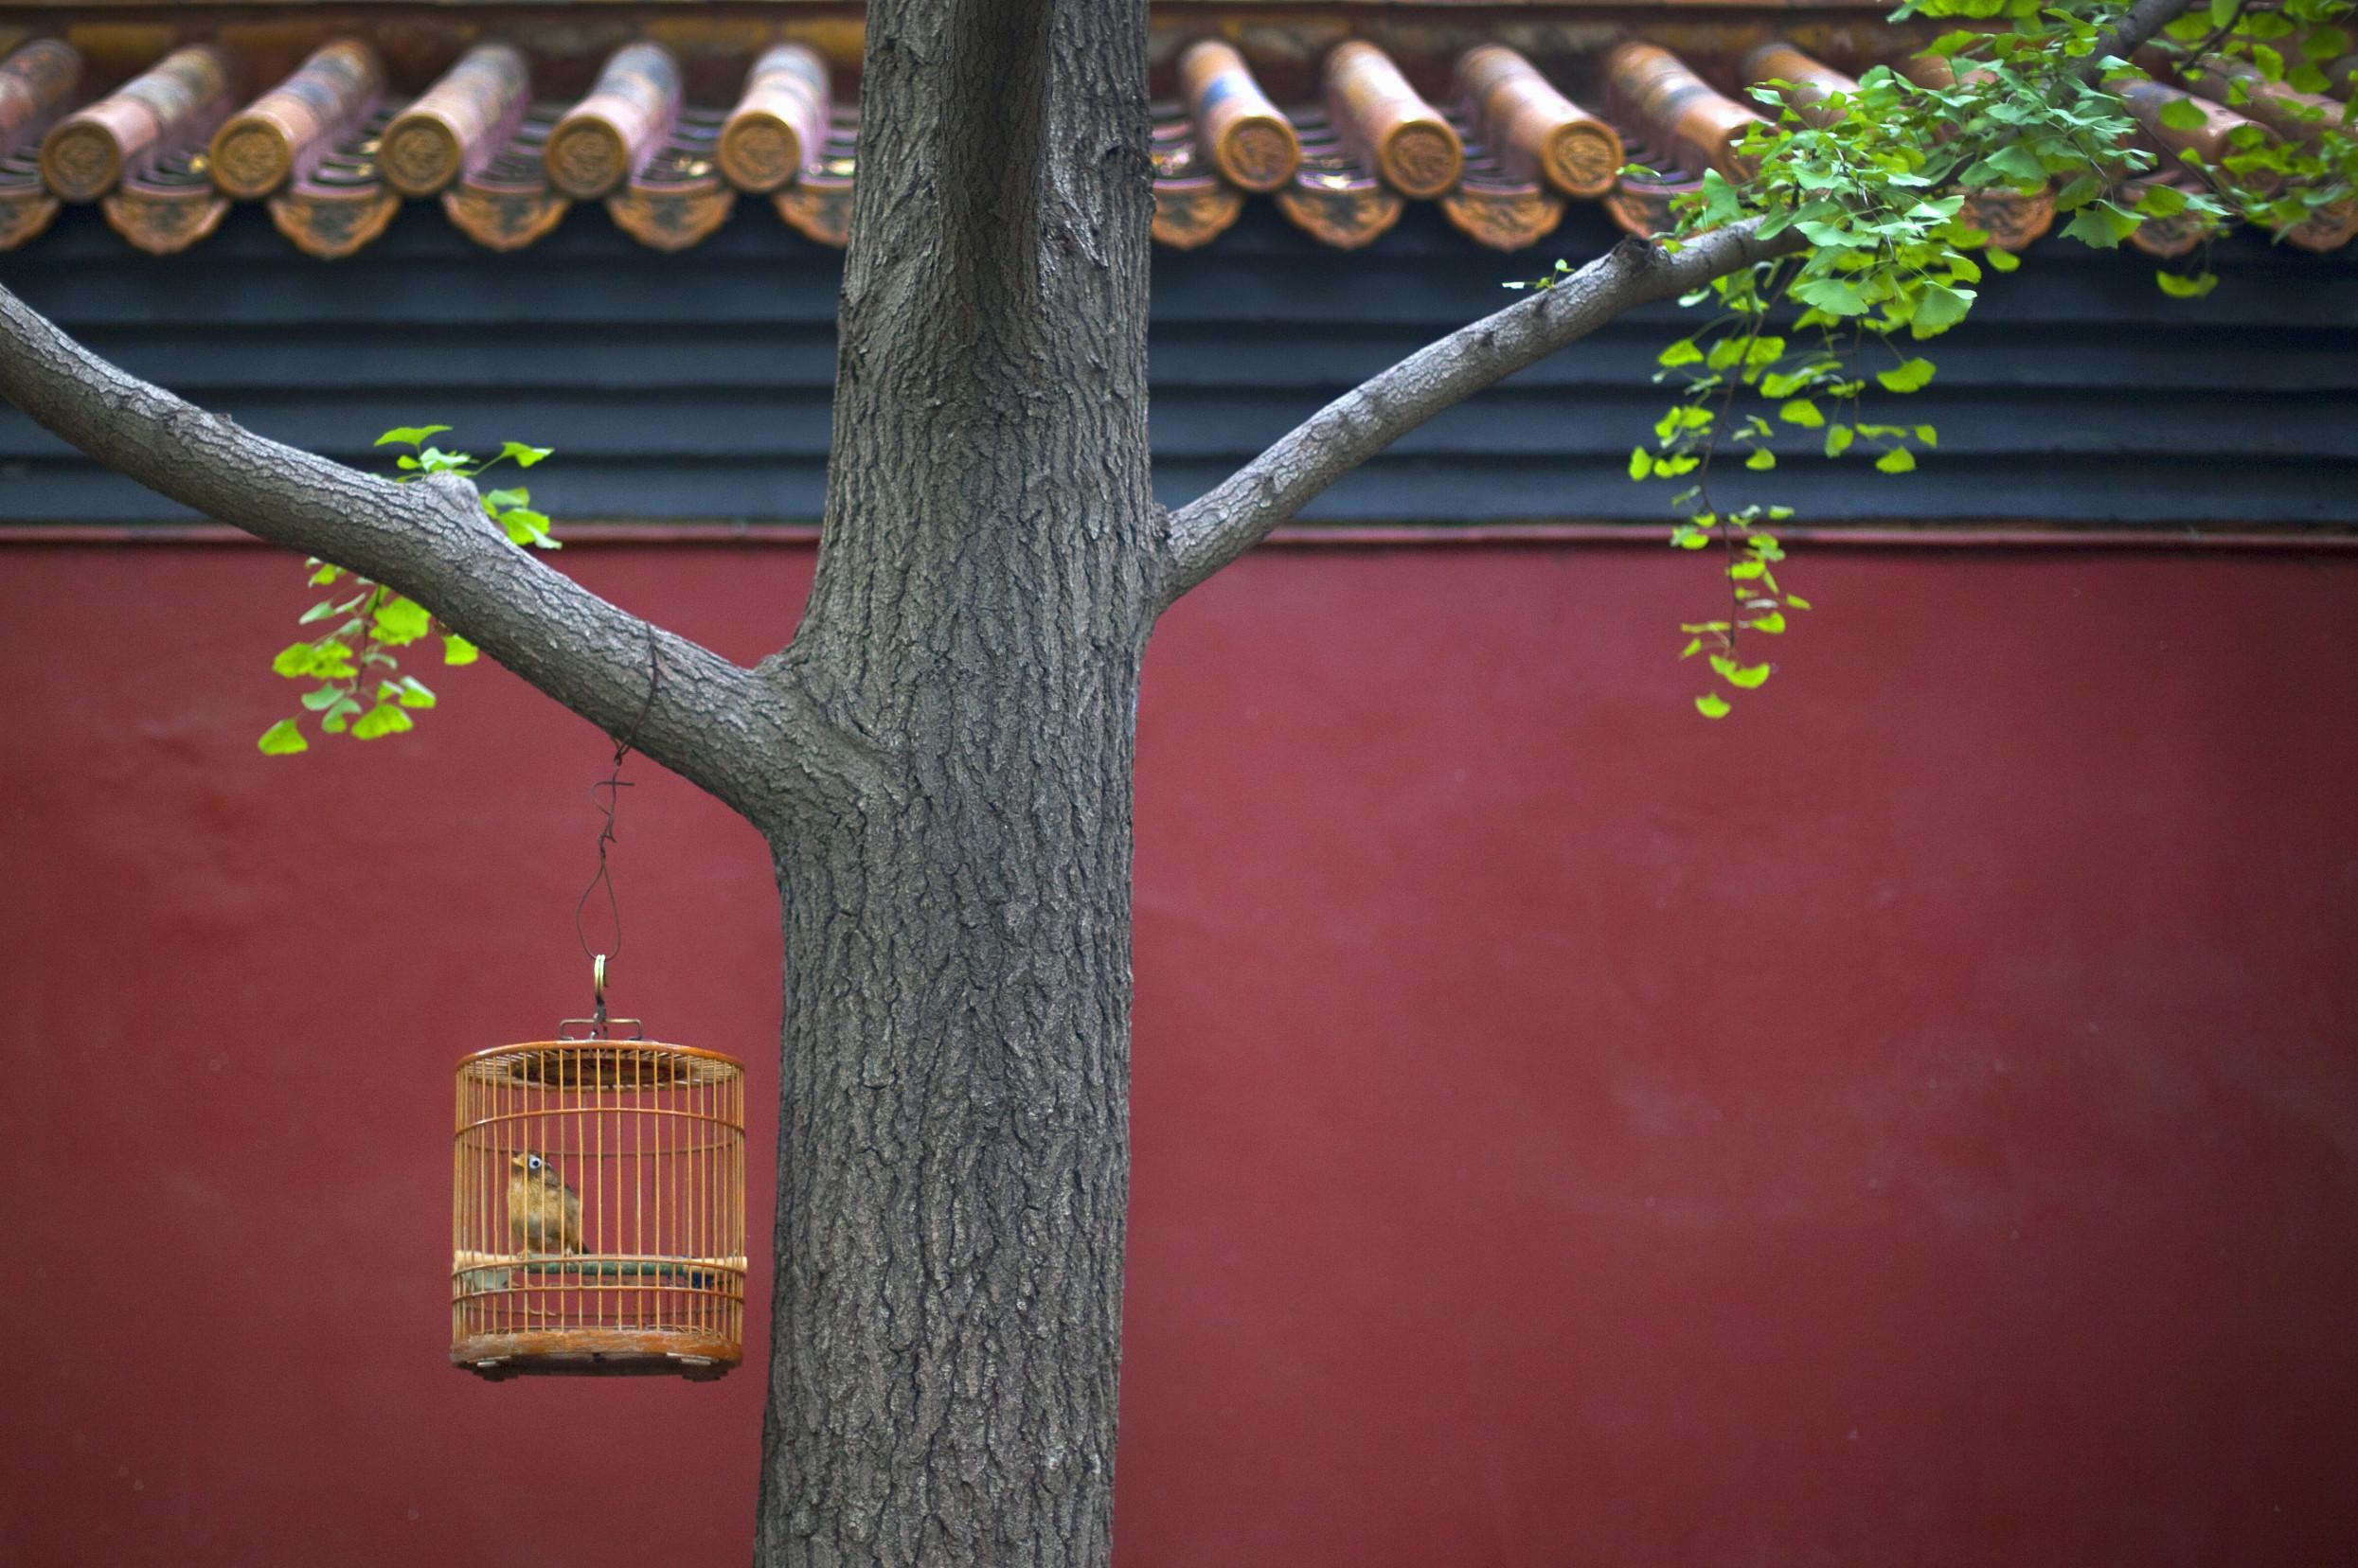 北京故宫1日深度游网红导游深度讲解、配备无线耳麦、专属助理随叫随到